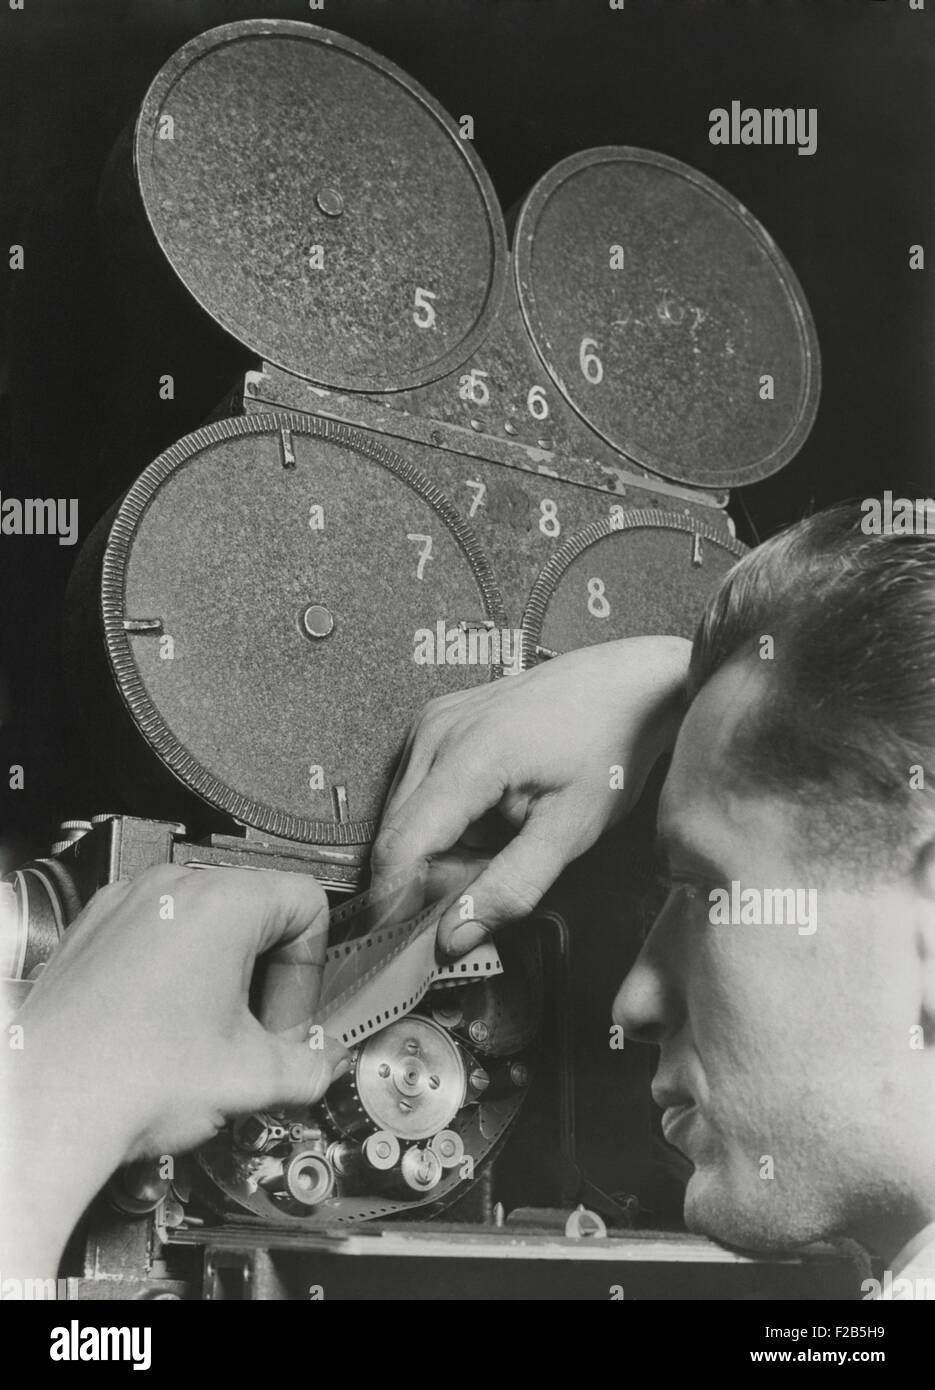 Ingegnere di pellicola usando il metodo di solleciti. Due film in esecuzione contemporaneamente nella fotocamera, Immagini Stock